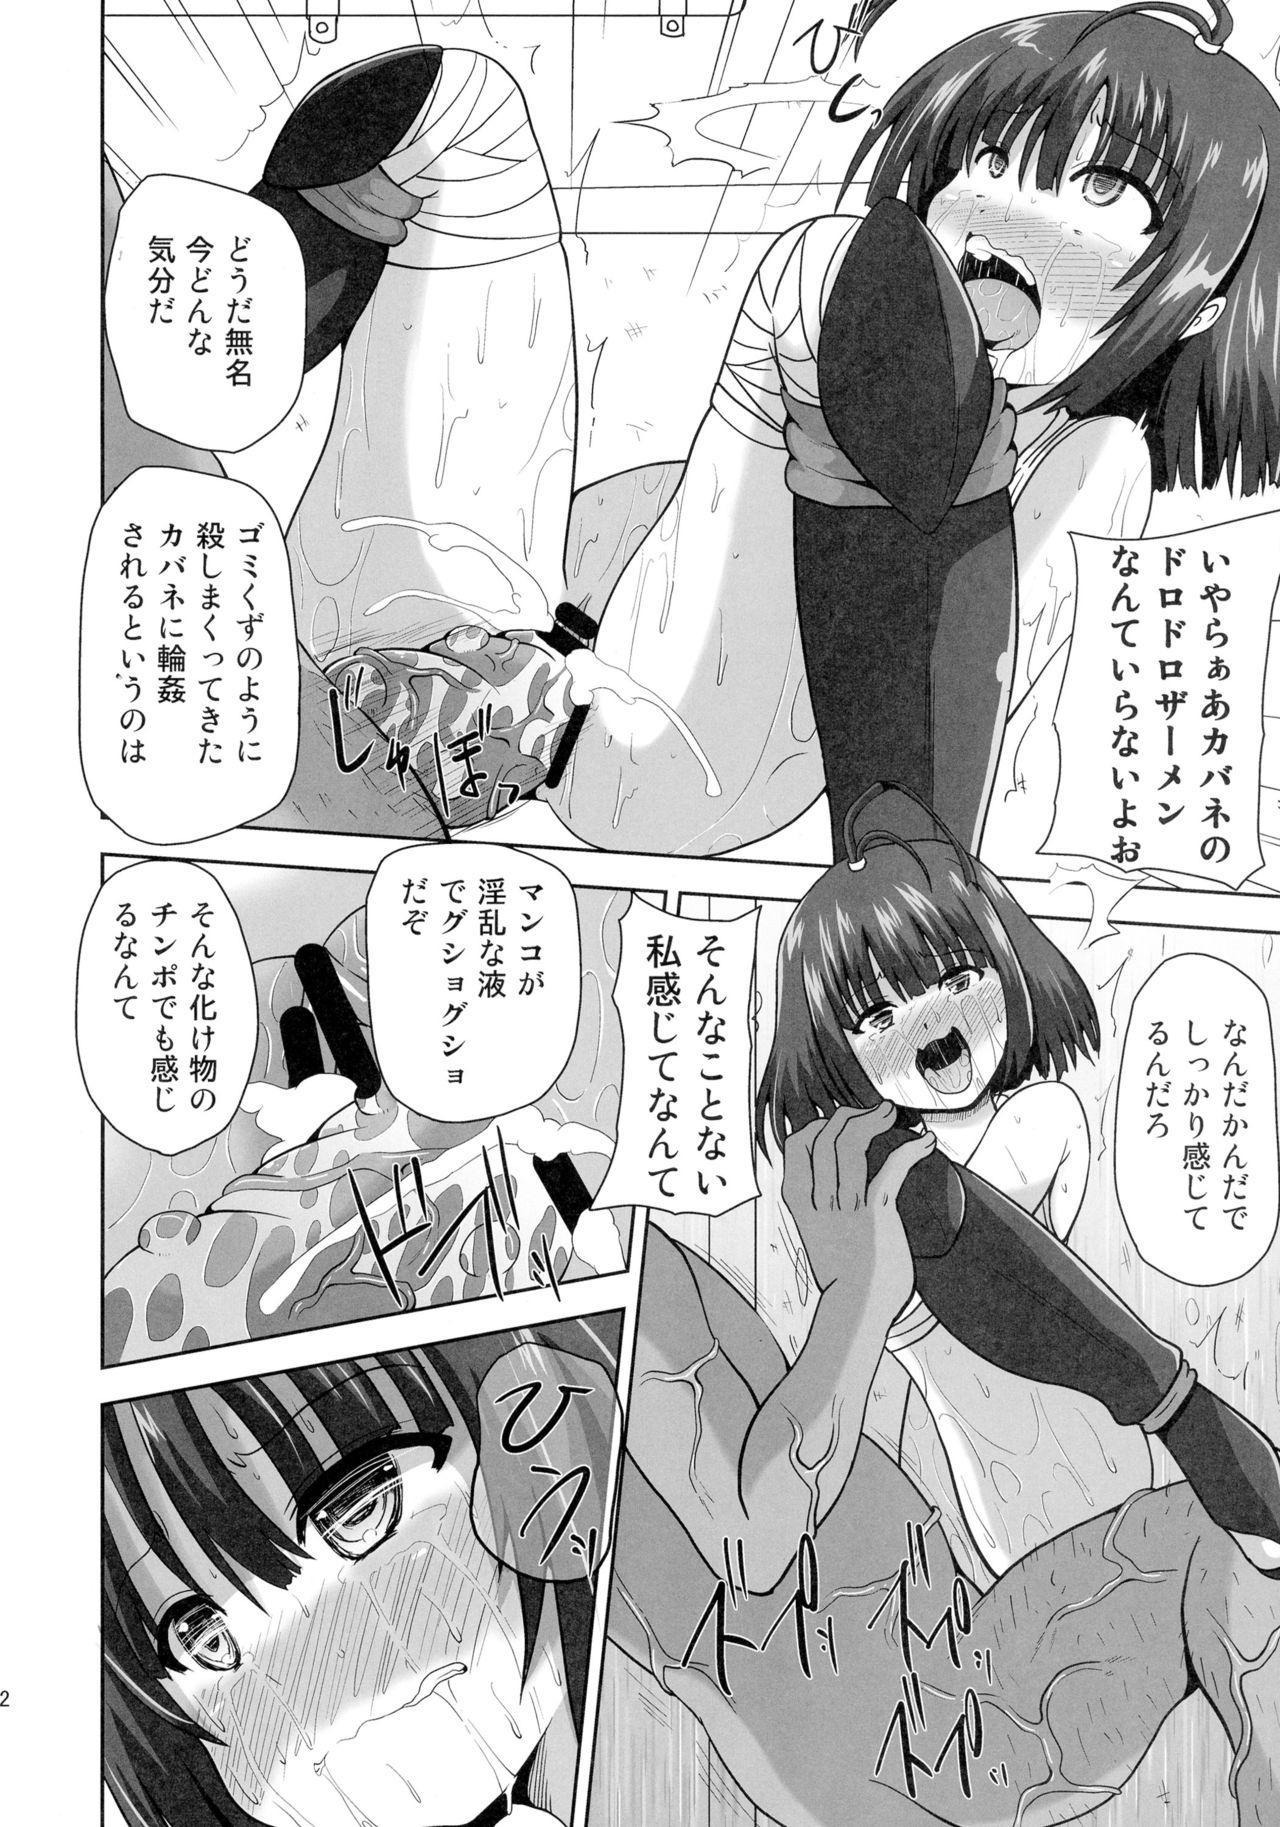 Chijoku ni nure Shoujo wa Muzan ni Chiru 11